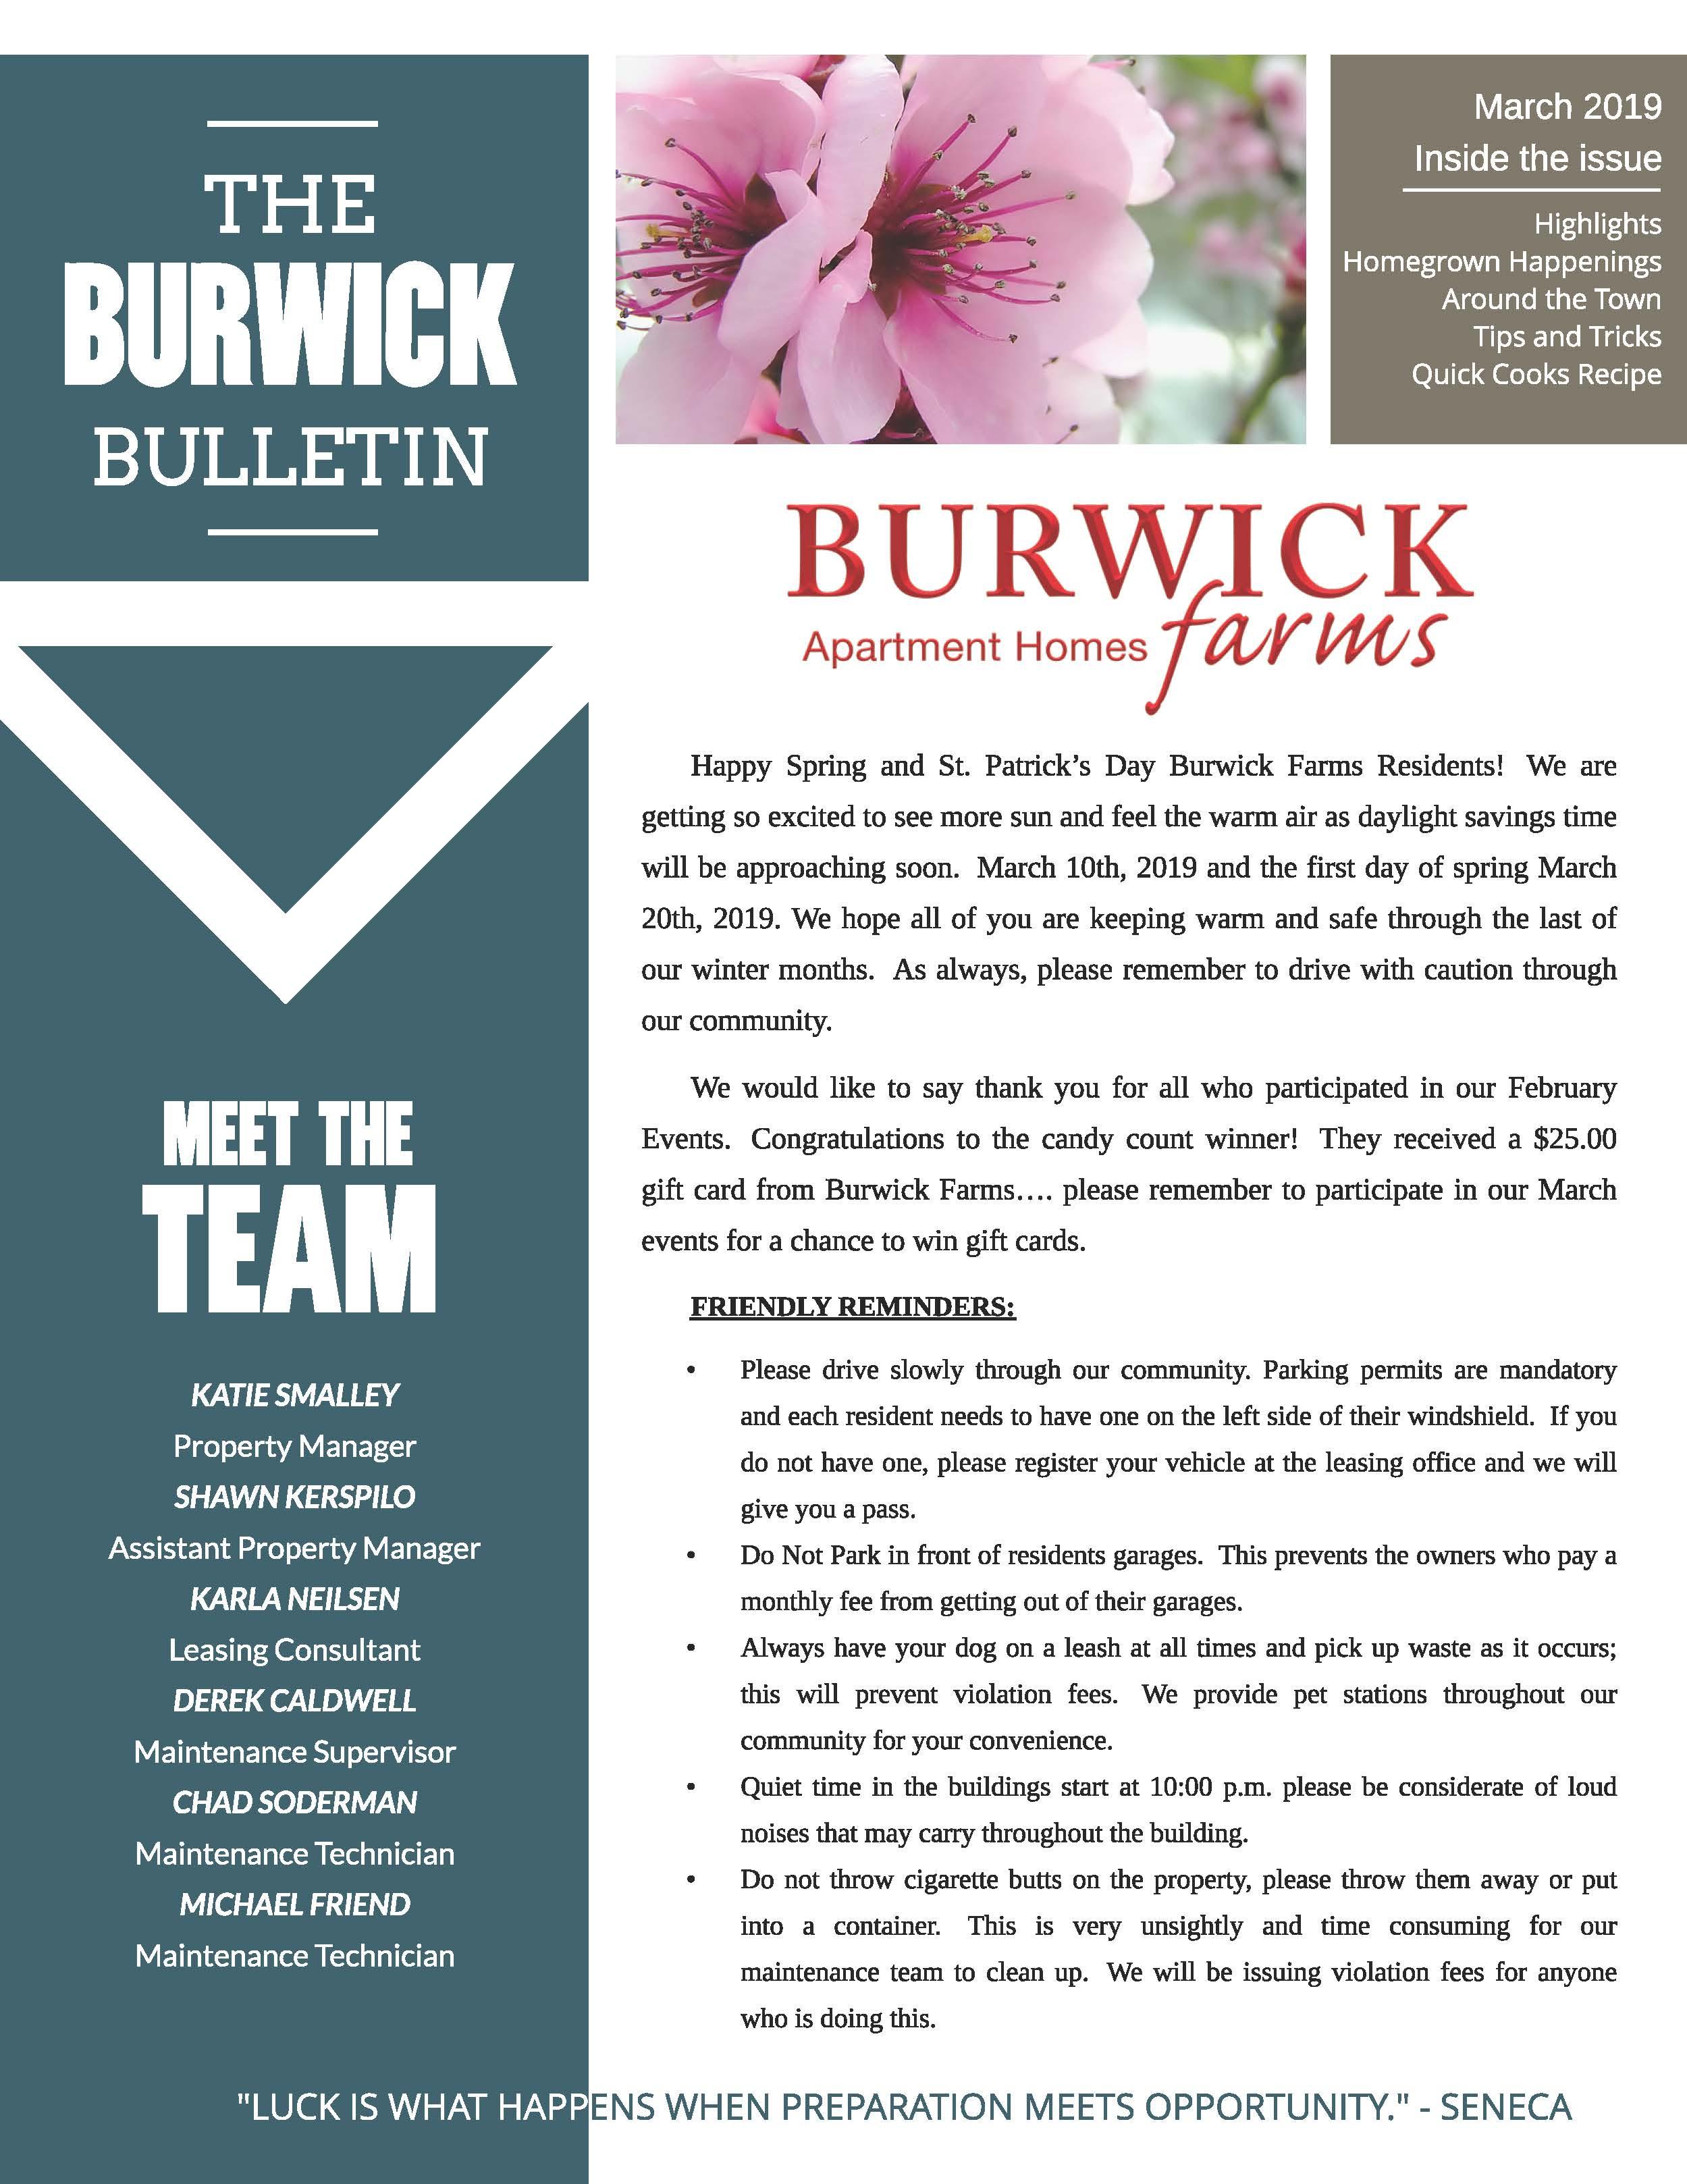 February 2019 Newsletter The Burwick Bulletin